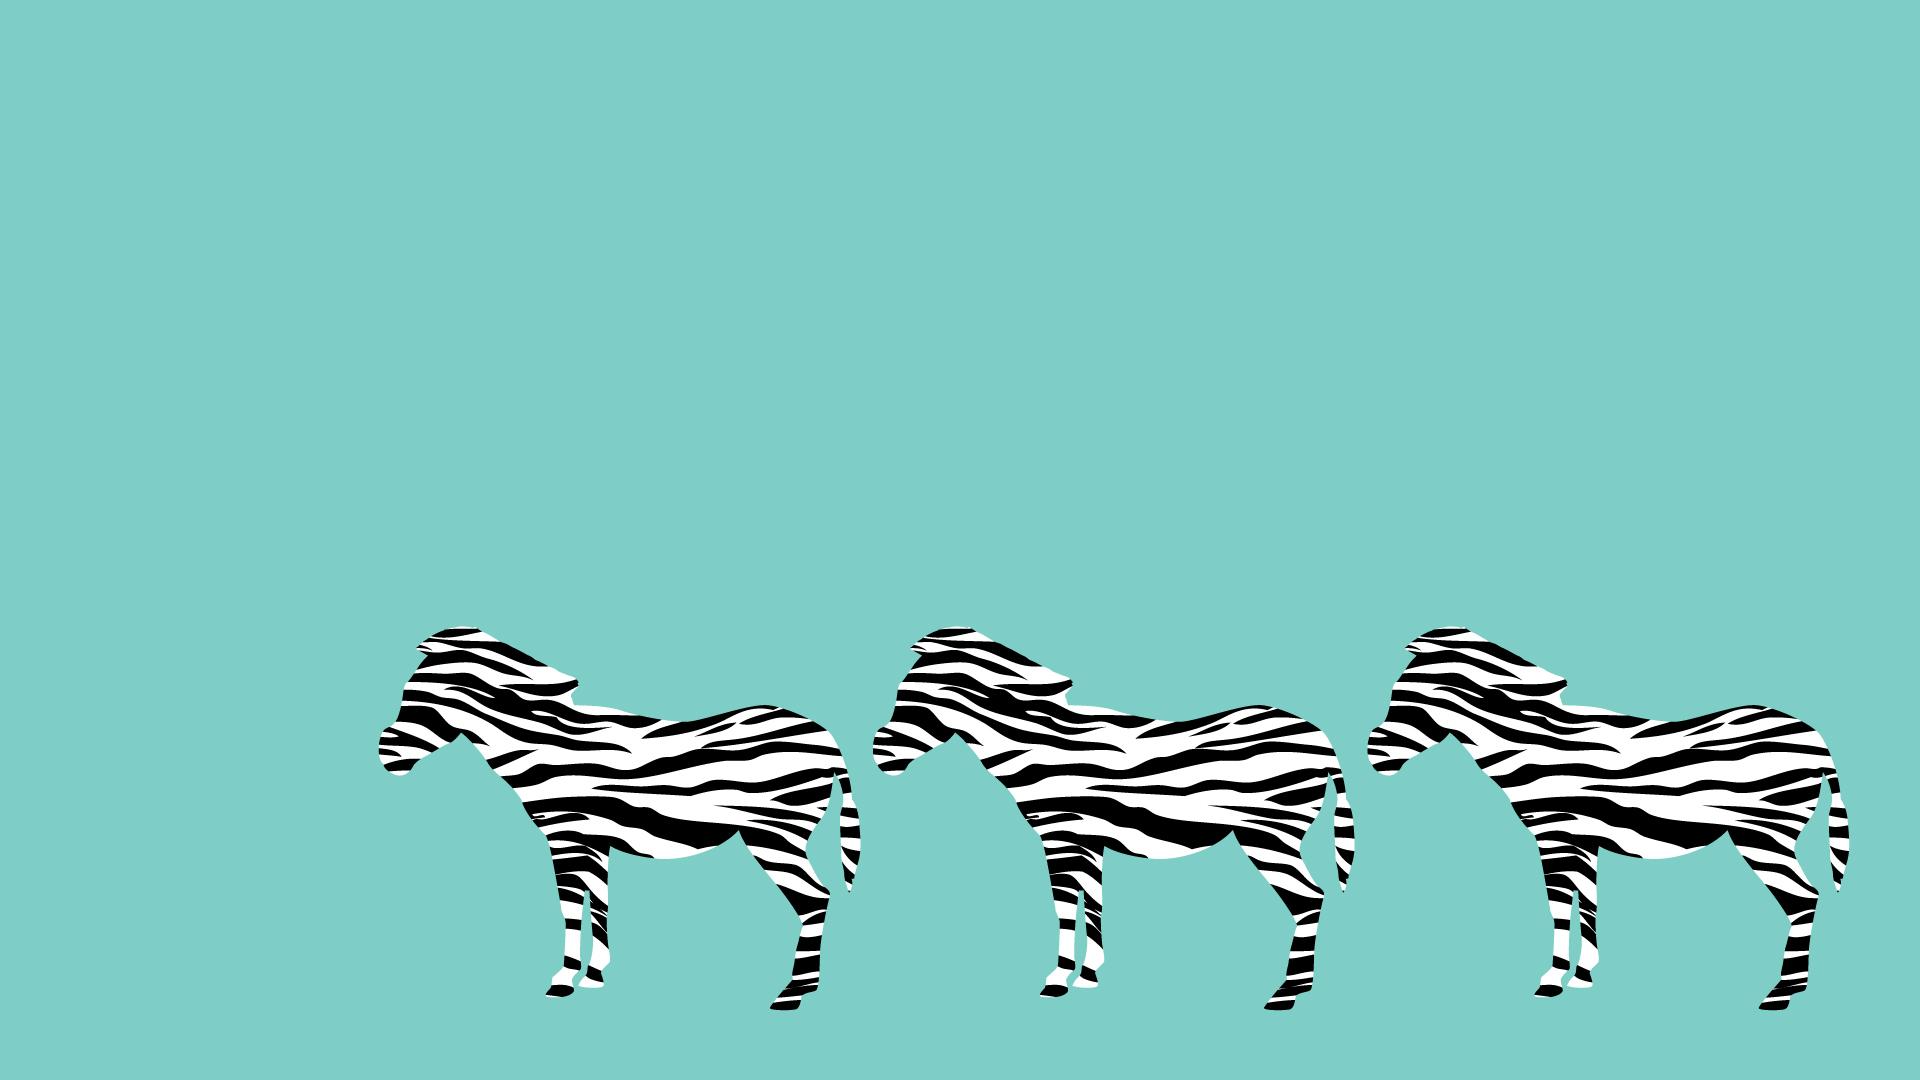 シマウマの壁紙・背景素材 1,920px×1,080px